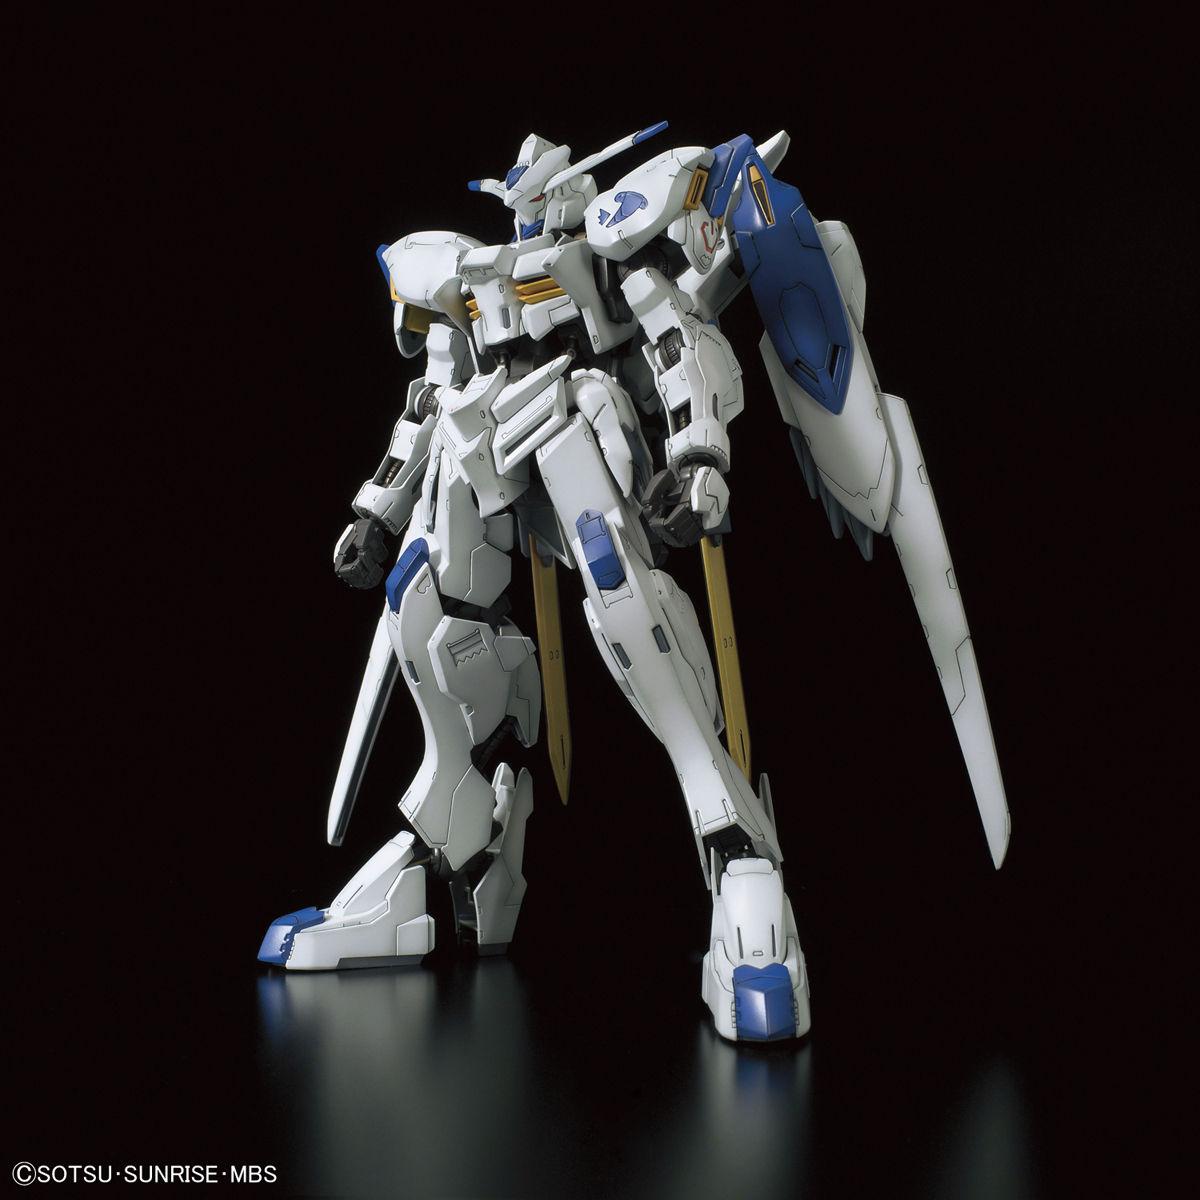 フルメカニクス 1/100 ASW-G-01 ガンダムバエル [Gundam Bael] 0214481 5056828